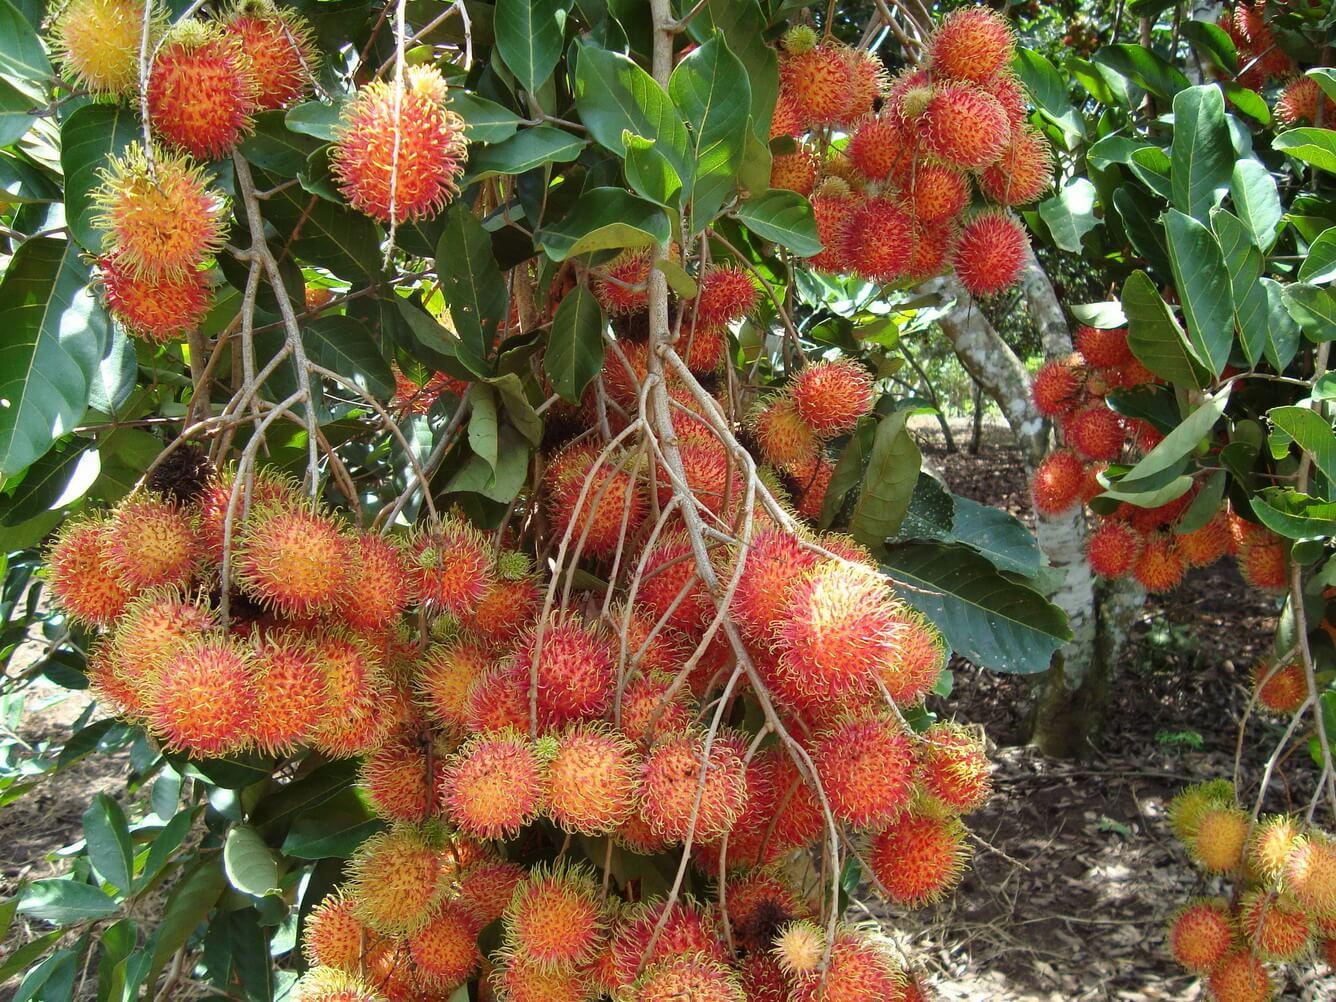 Miền Tây mùa quả ngọt